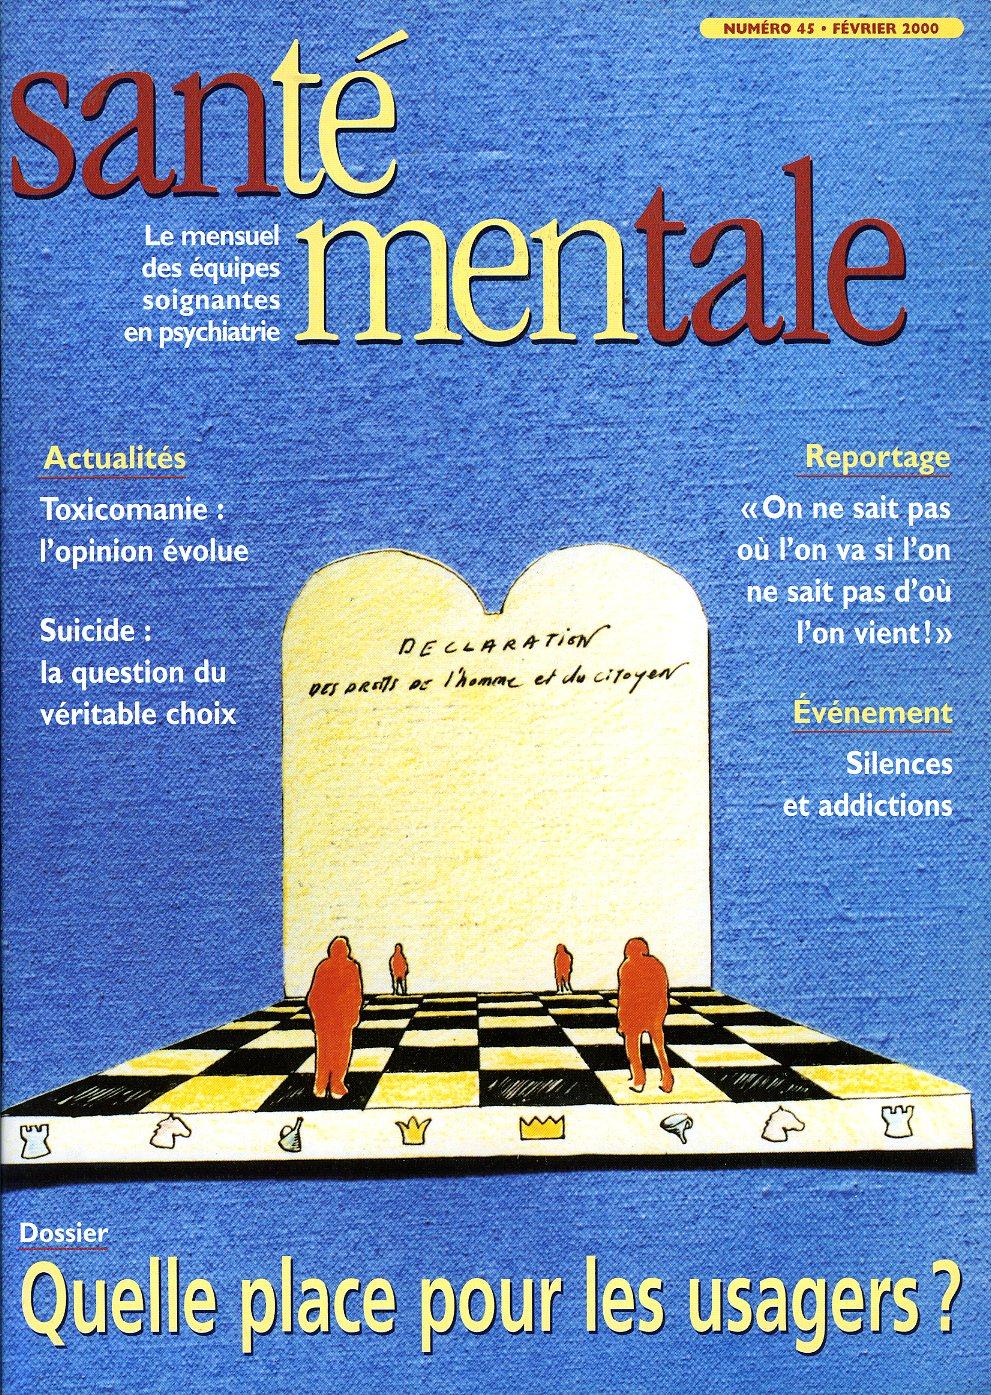 Couverture N°45 février 2000